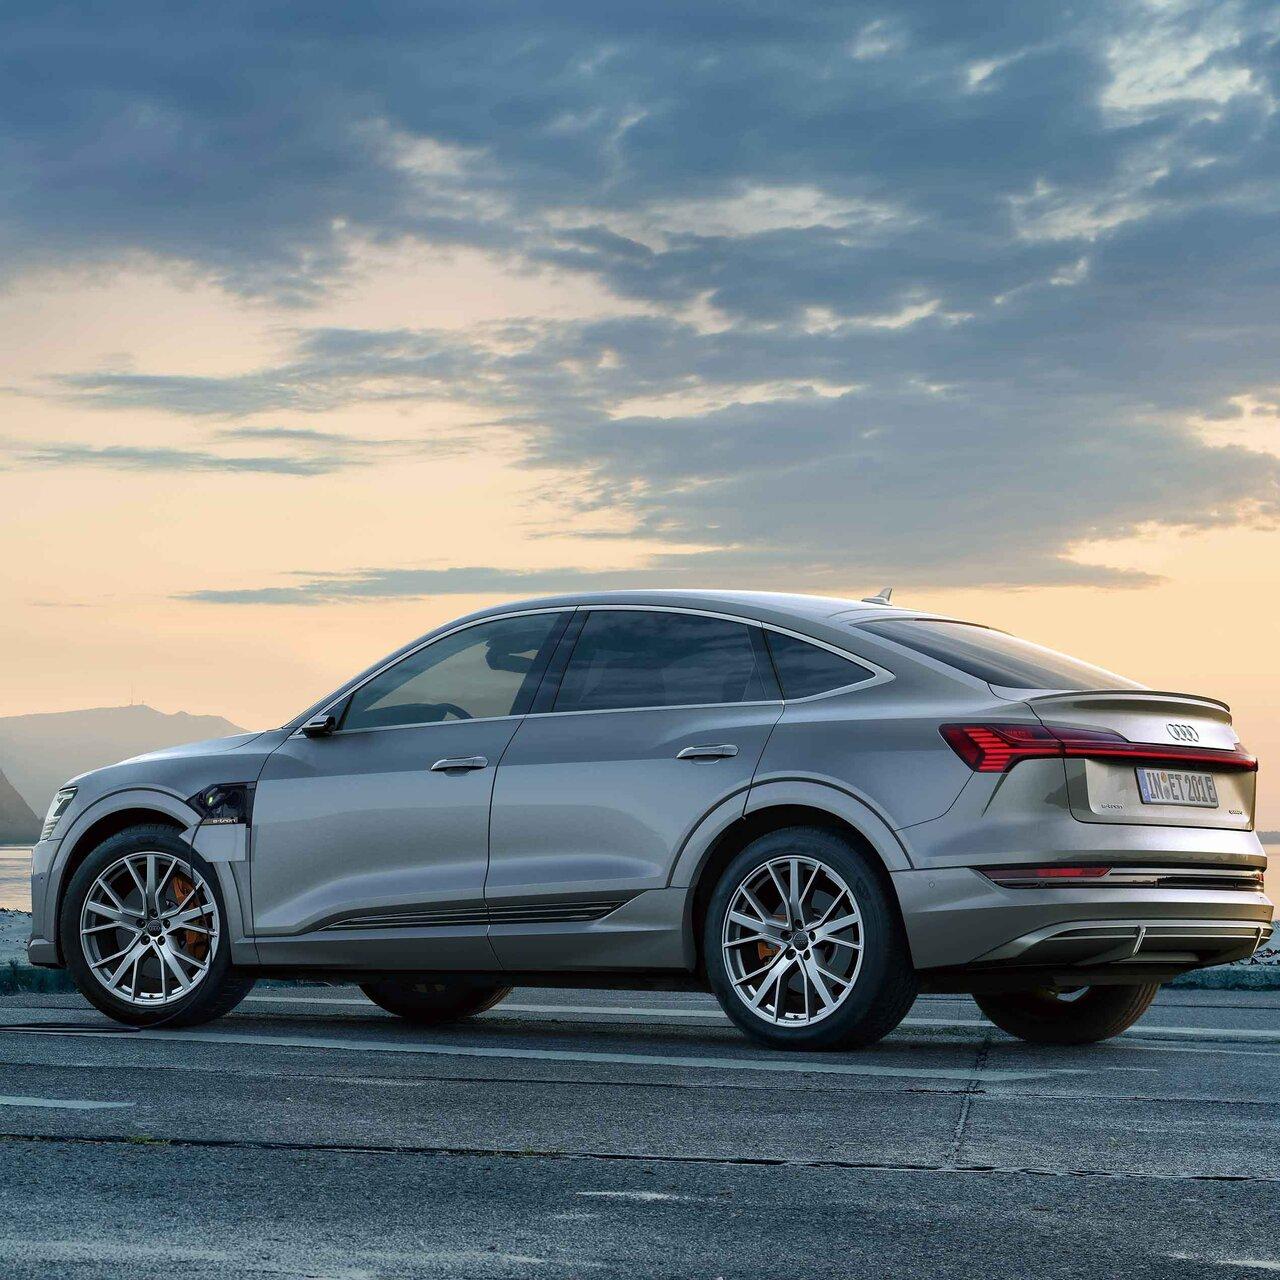 アウディ電動化攻勢の尖兵、アウディ「e-tronスポーツバック」が発売 Audi